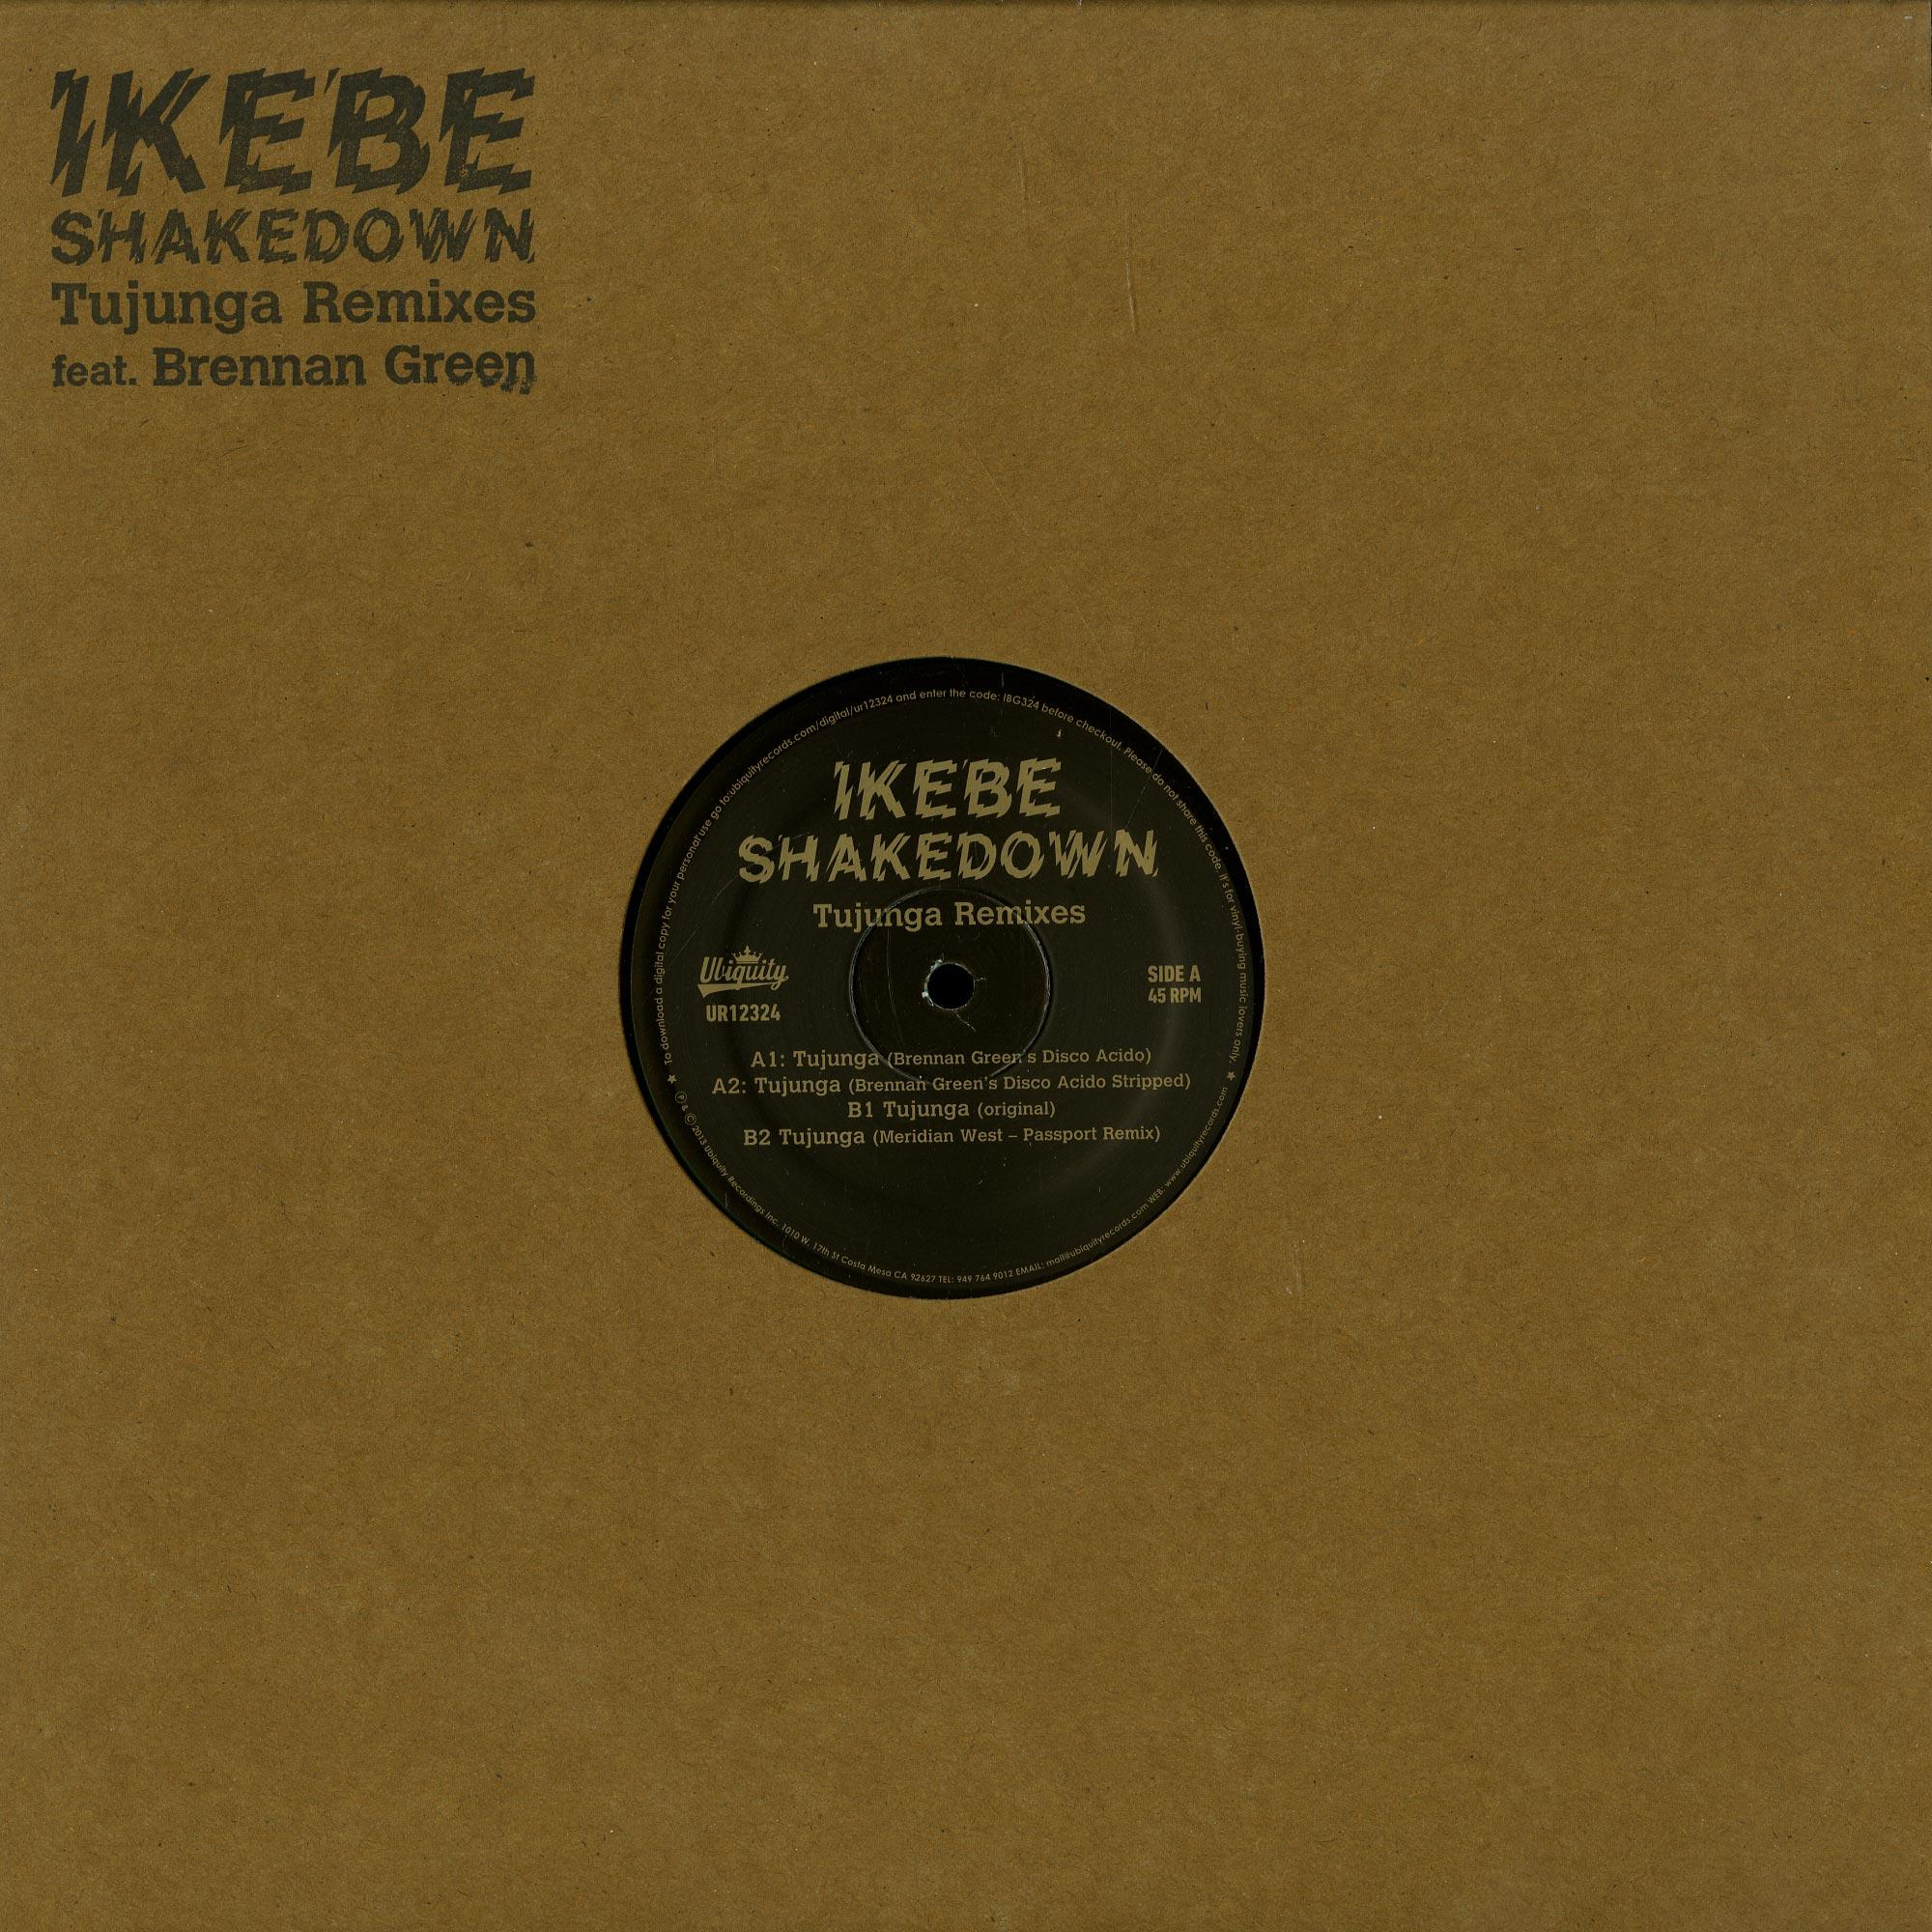 Ikebe Shakedown - TUJUNGA REMIXES